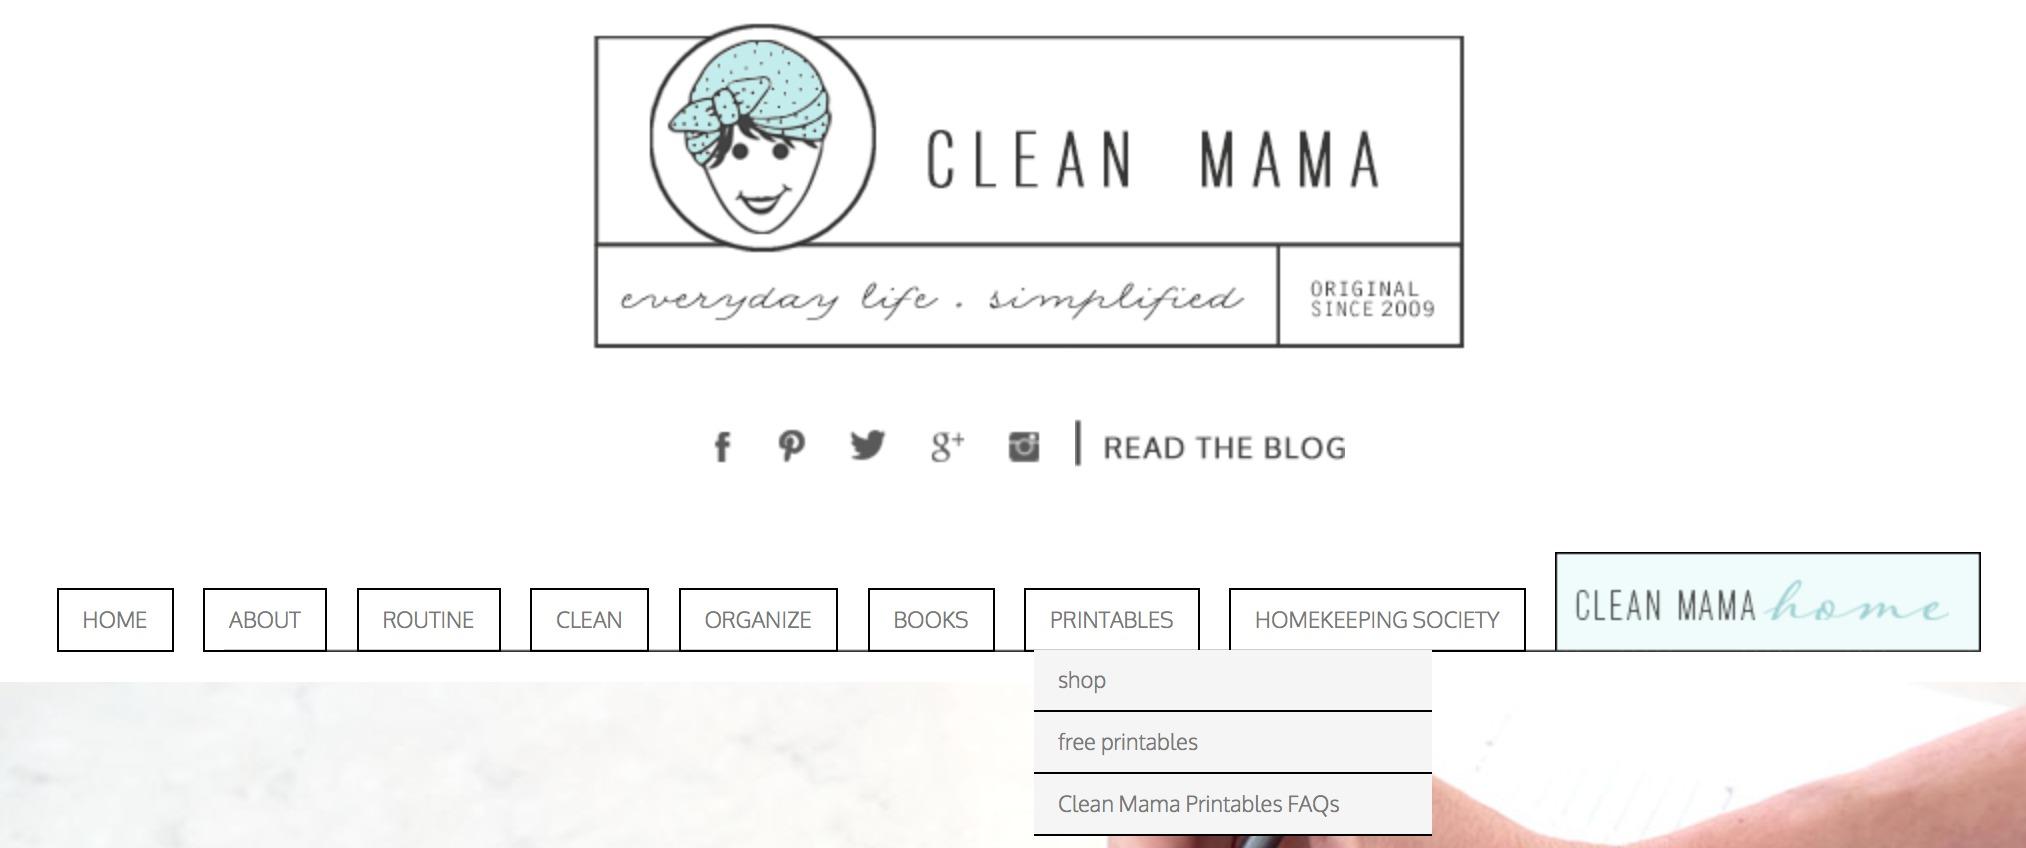 Clean Mama Free Printables Tab